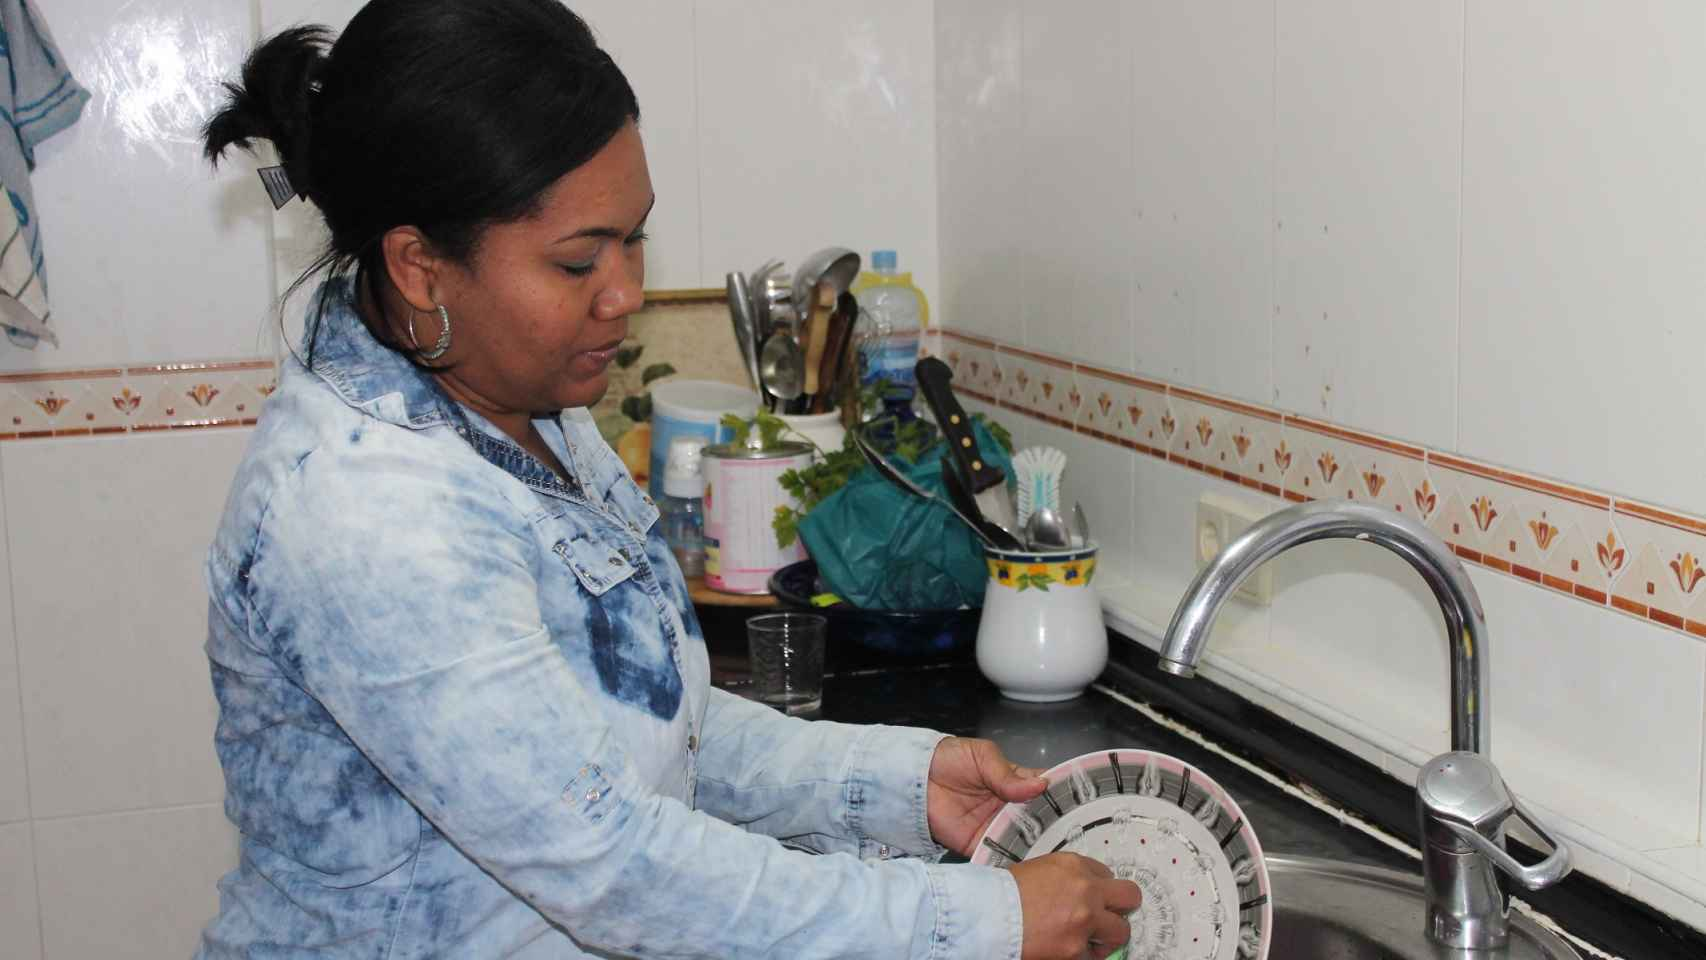 Juliana lava los platos en la cocina del piso que ocupa tras ser desahuciada de su domicilio